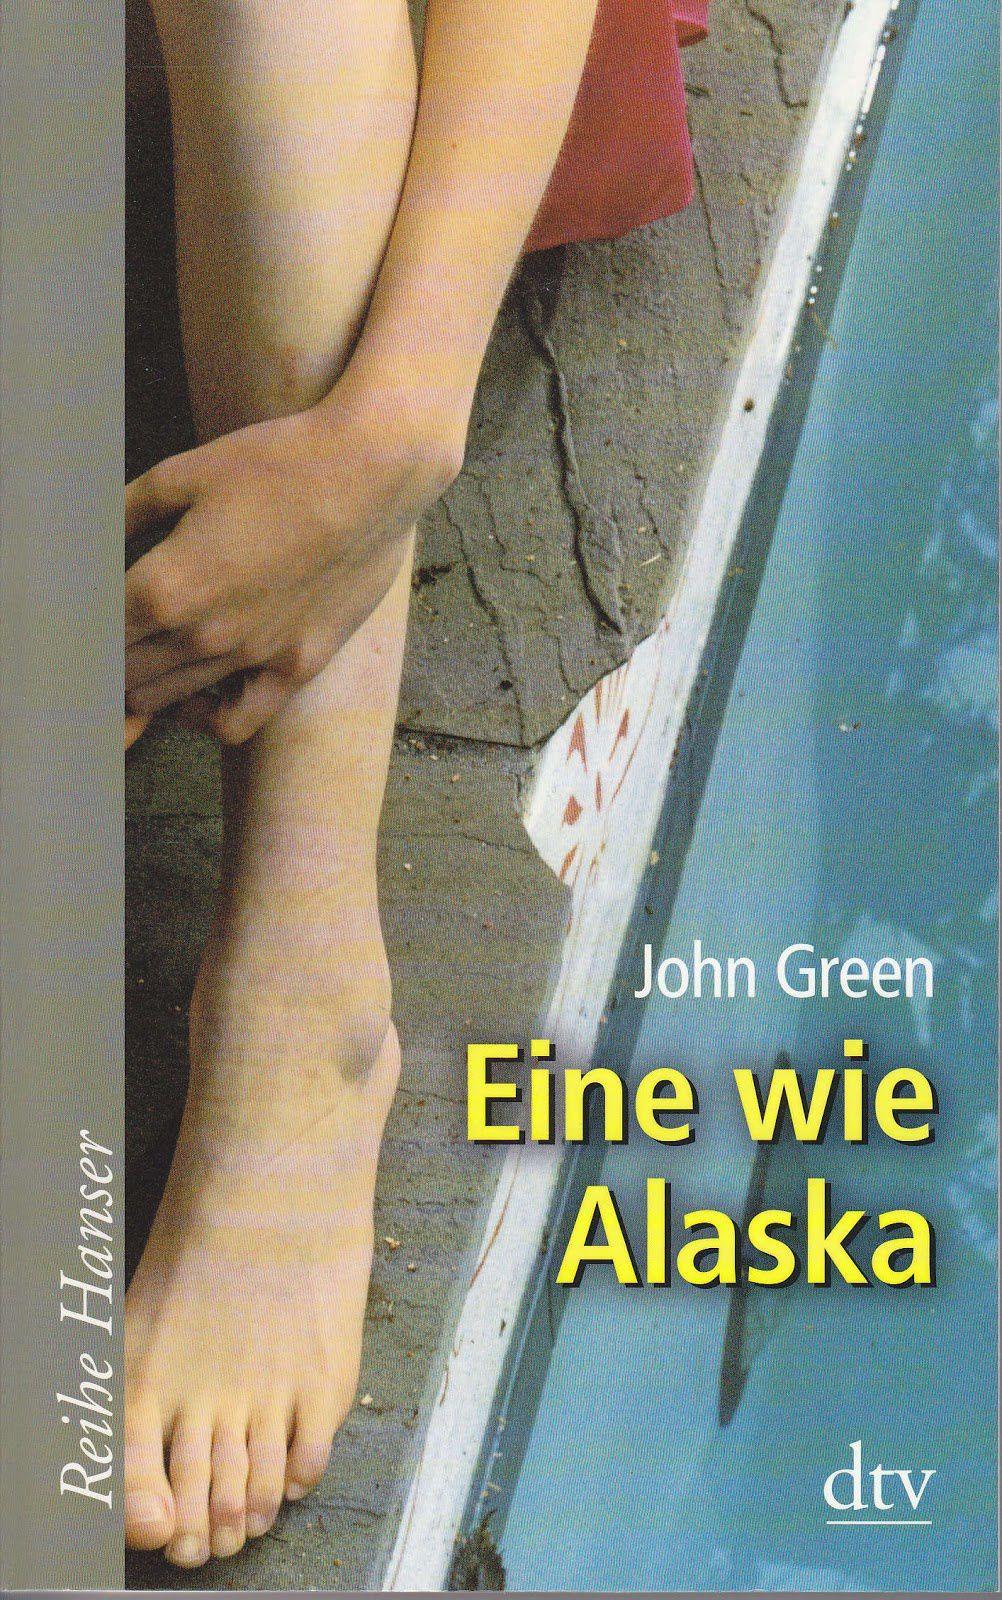 Buchbewertung: 'Eine wie Alaska'